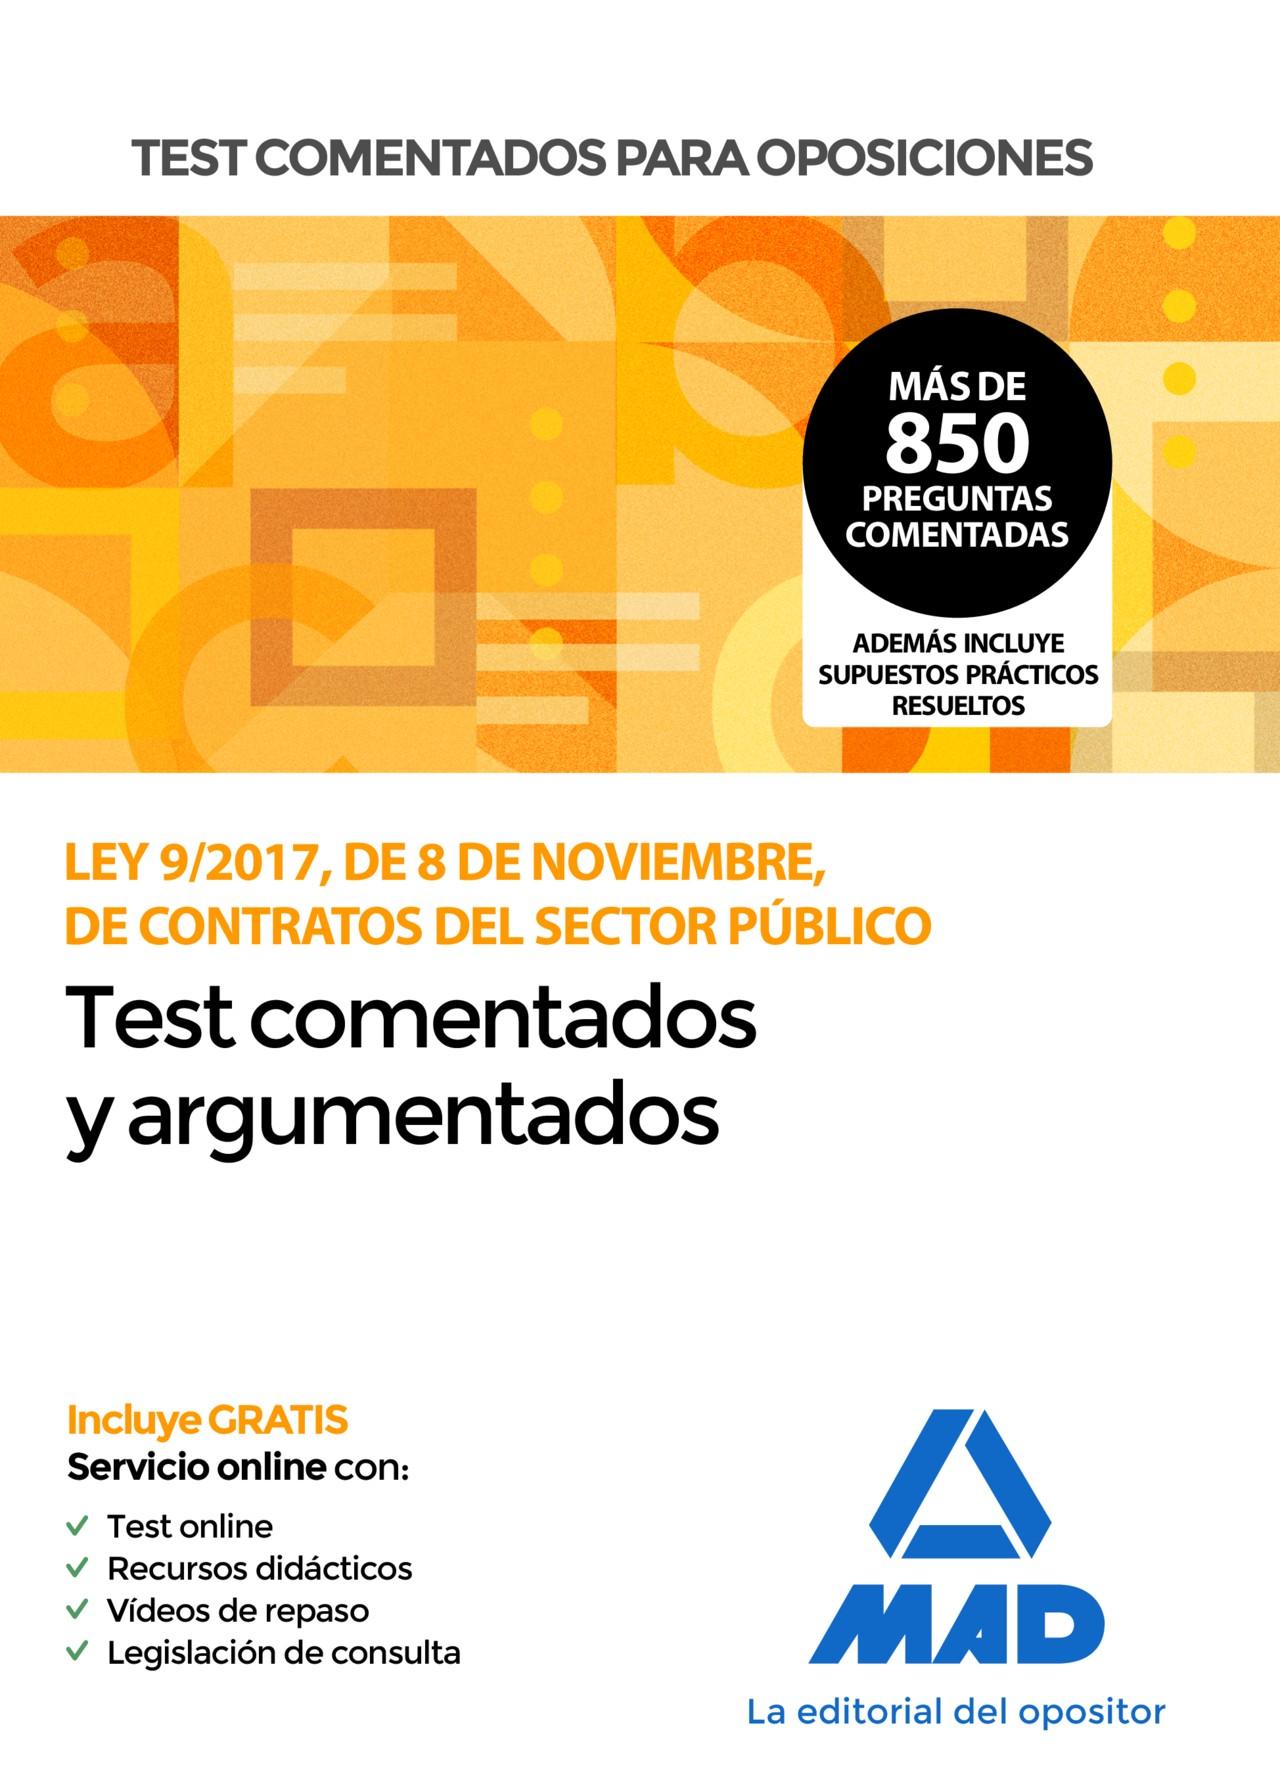 Test comentados para oposiciones de la Ley 9/2017, de 8 de noviembre, de Contratos del Sector Público